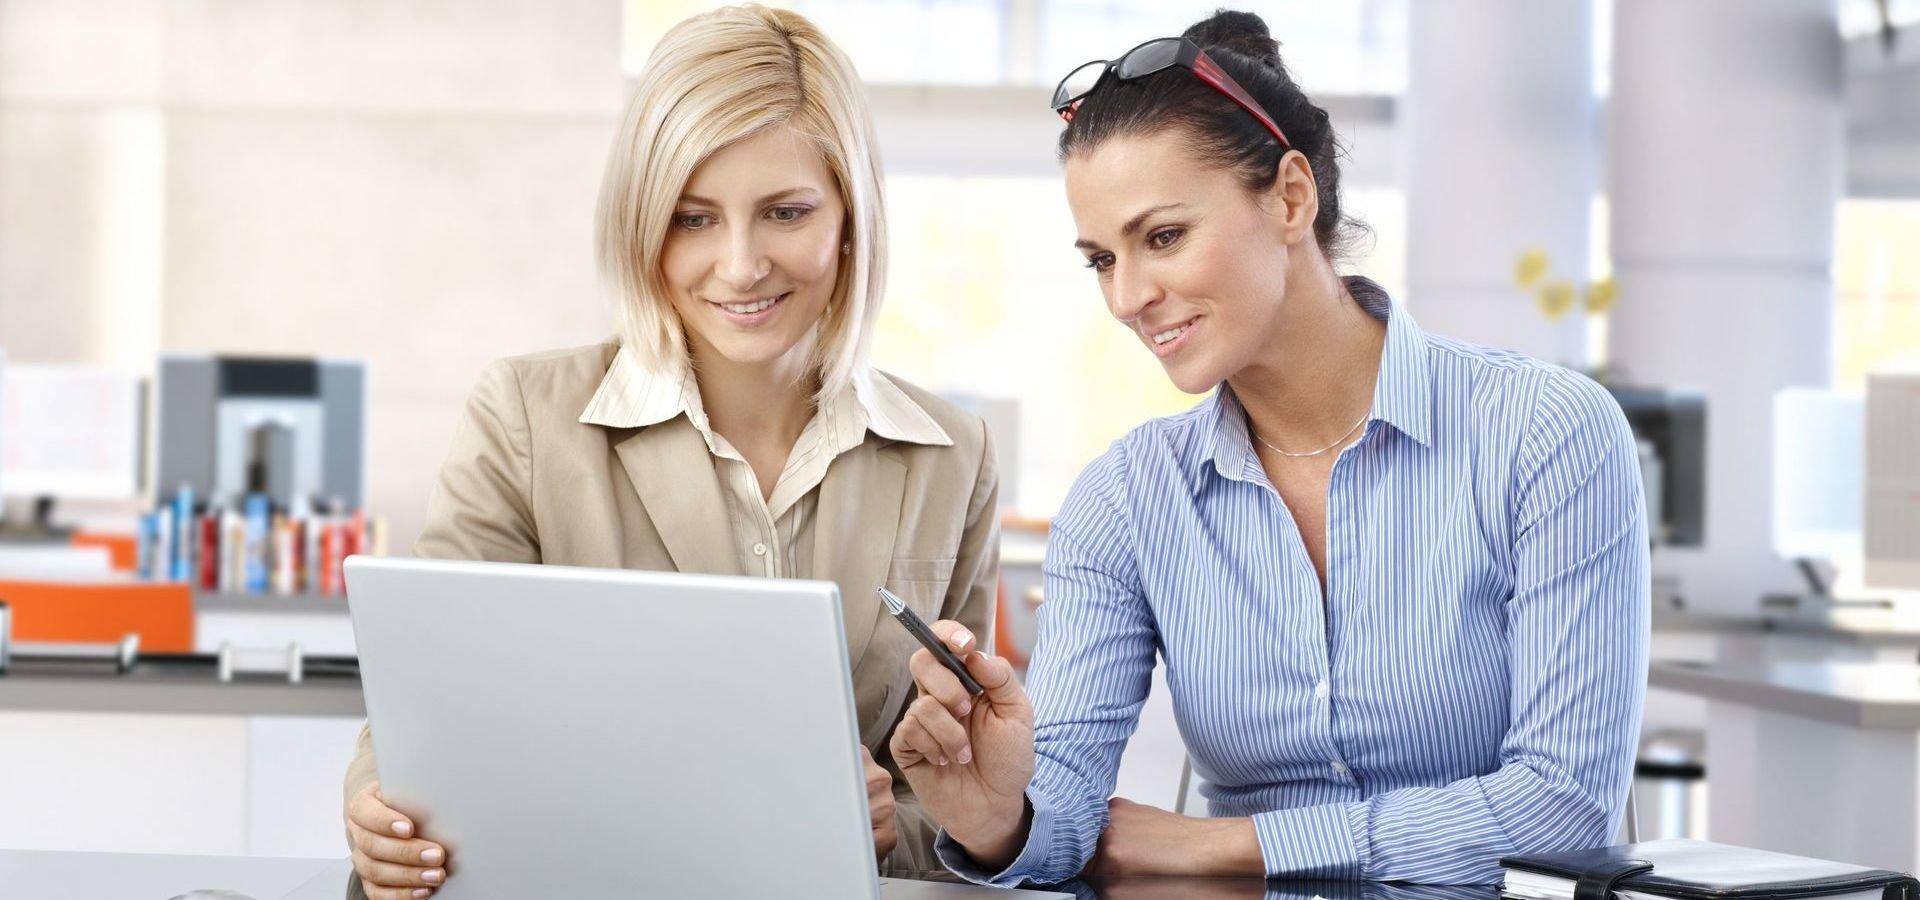 Raport o Millenialsach: kobiety myślą o własnym biznesie